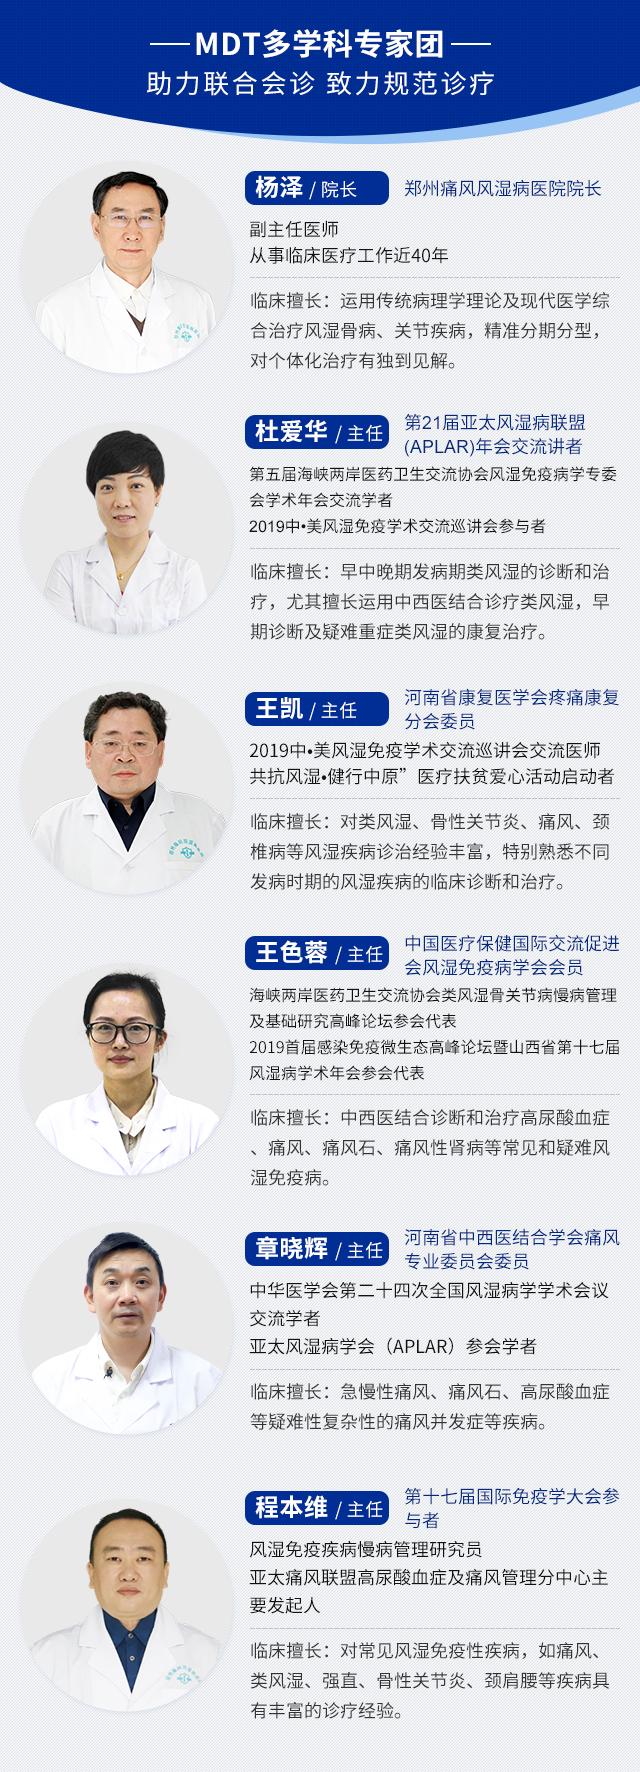 郑州痛风风湿病医院MDT多学科专家团.jpg